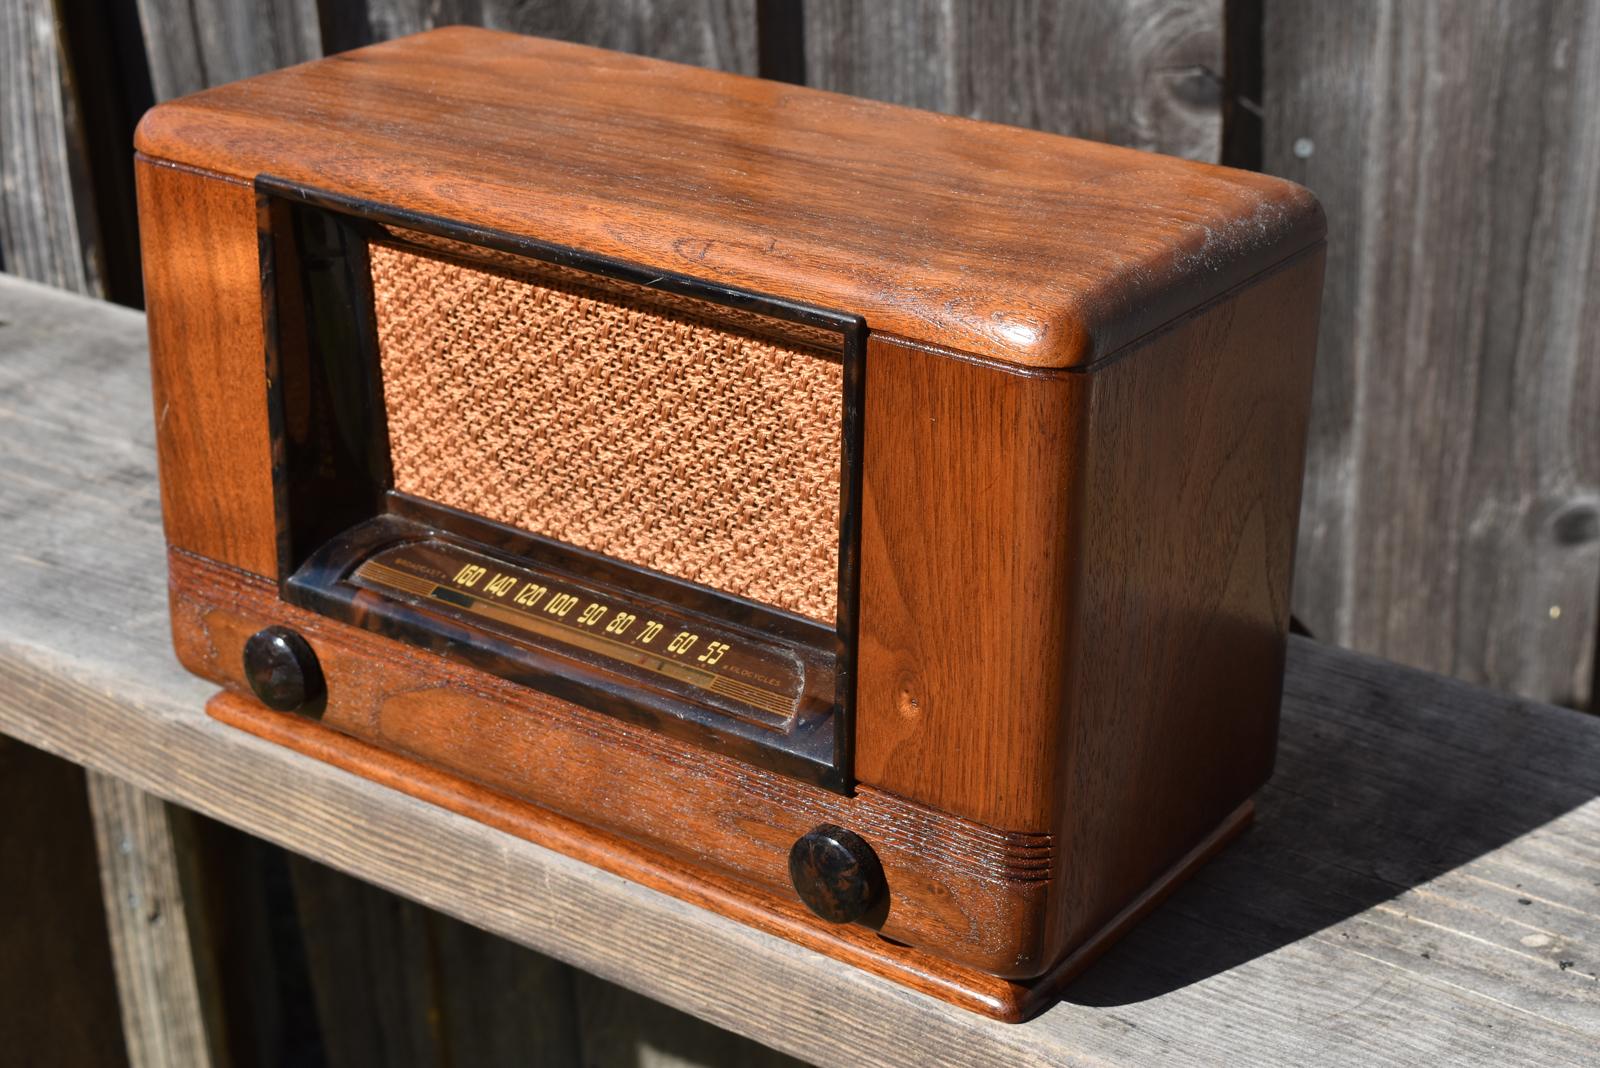 Wards Airline Radio Antique Radios Vintage